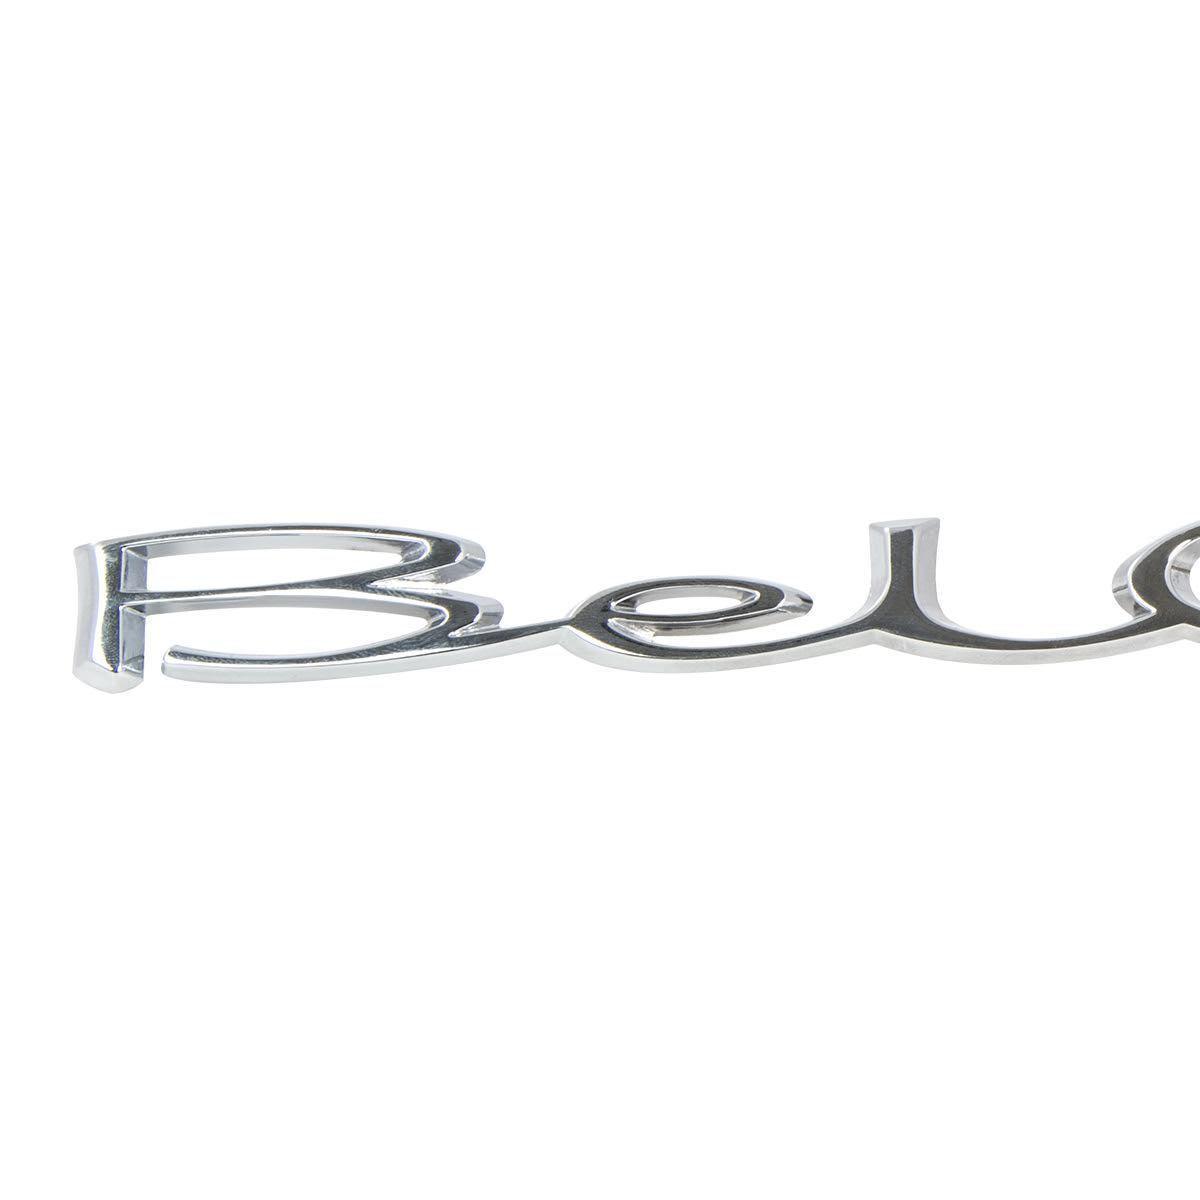 1965-1966 Chevy Bel Air Rear Quarter Panel Script Emblem